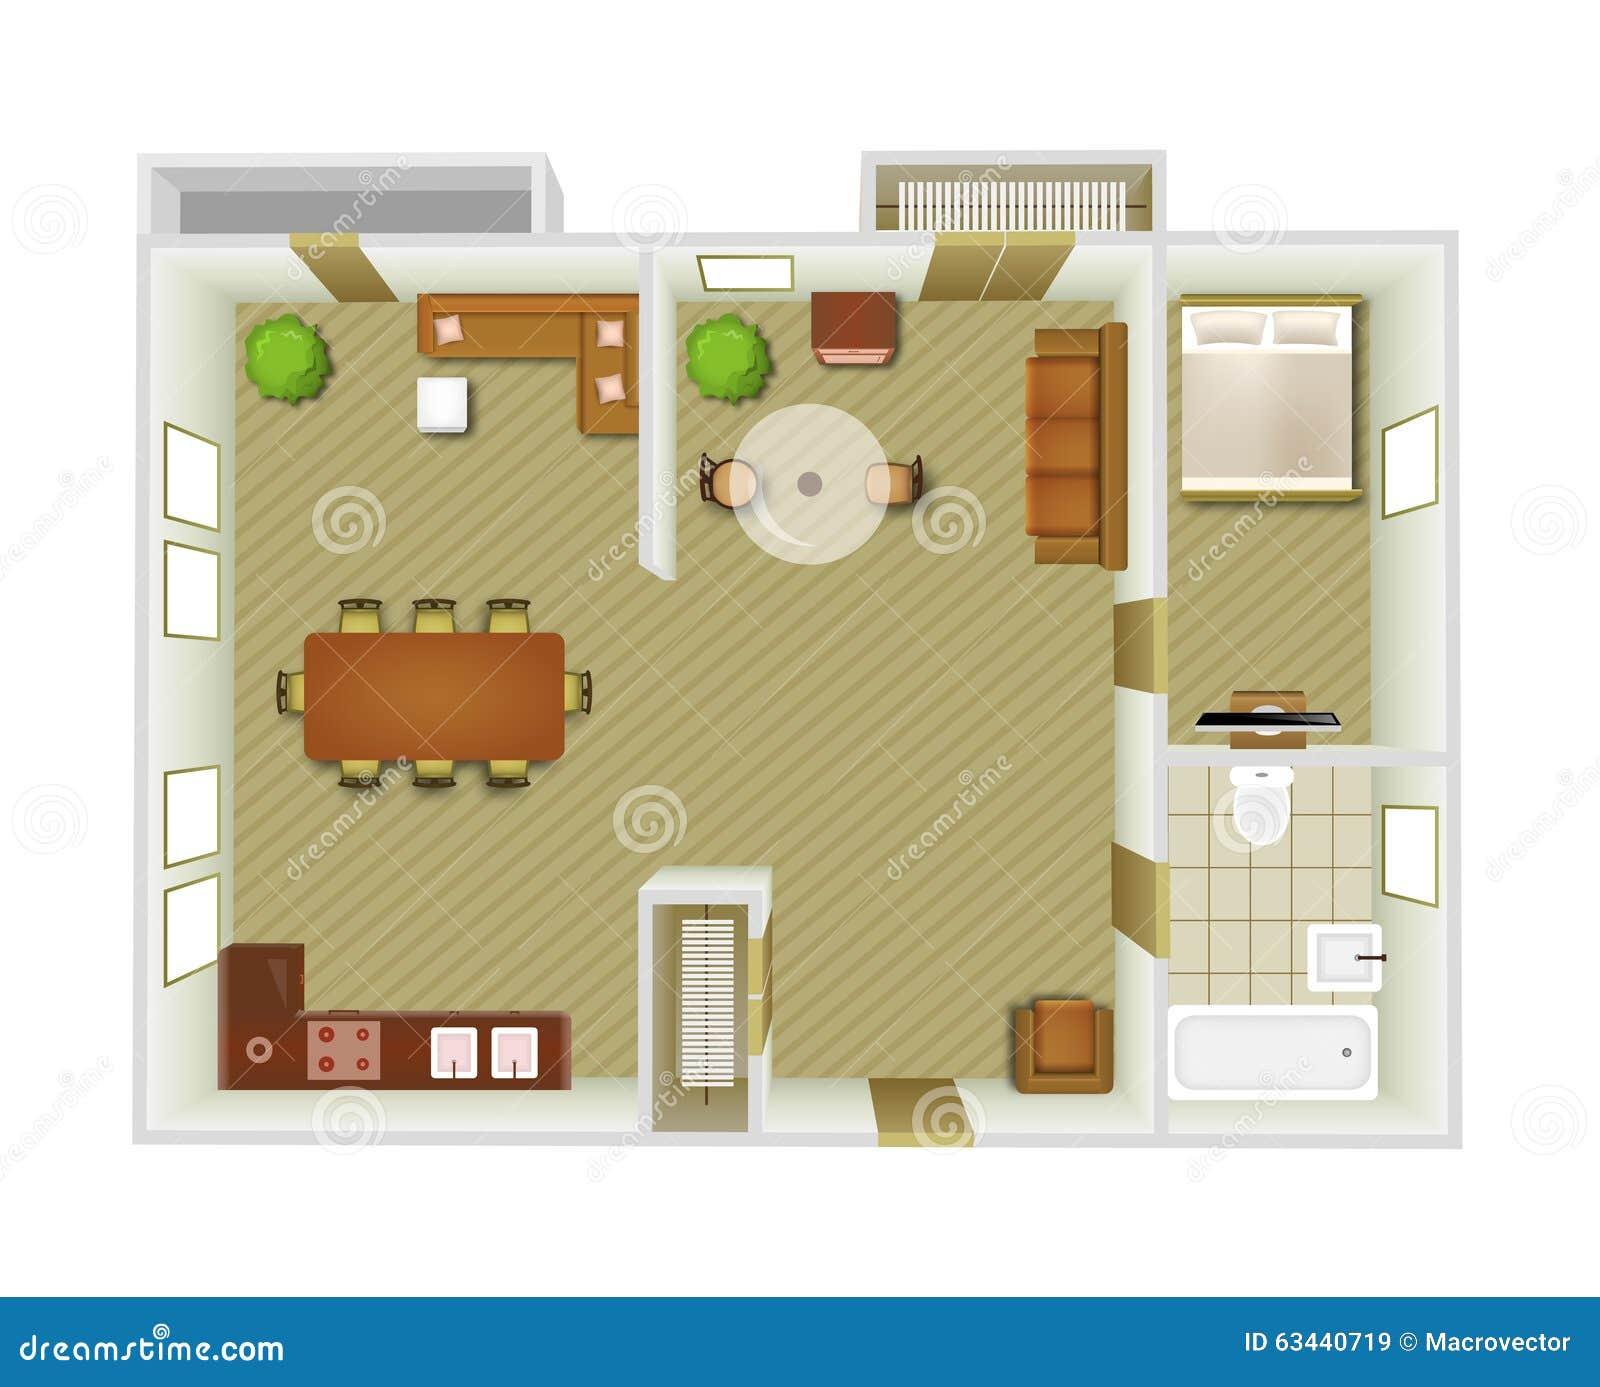 Kitchen Set Top View: Interior Top View Stock Vector. Image Of Bedroom